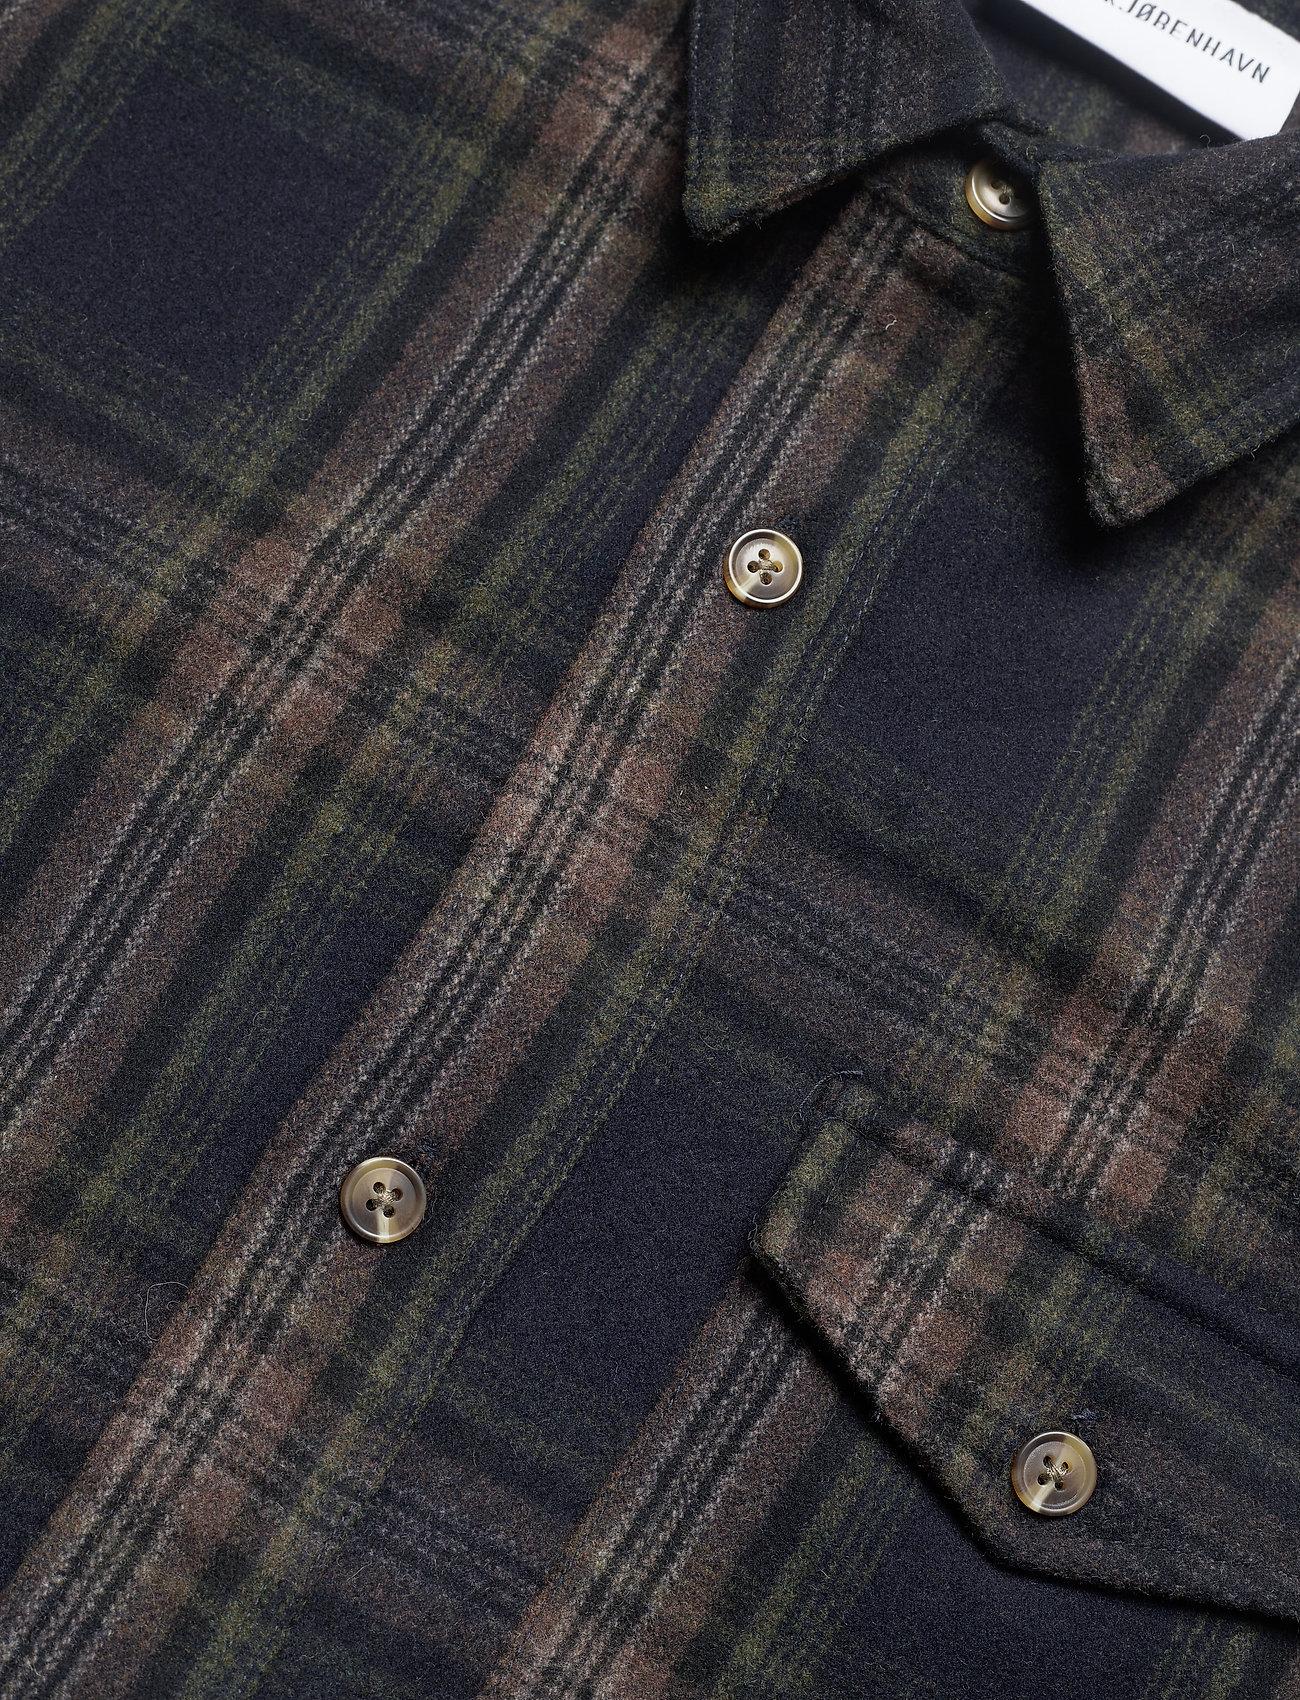 HAN Kjøbenhavn Army Shirt - Jakker og frakker DARK CHECK - Menn Klær